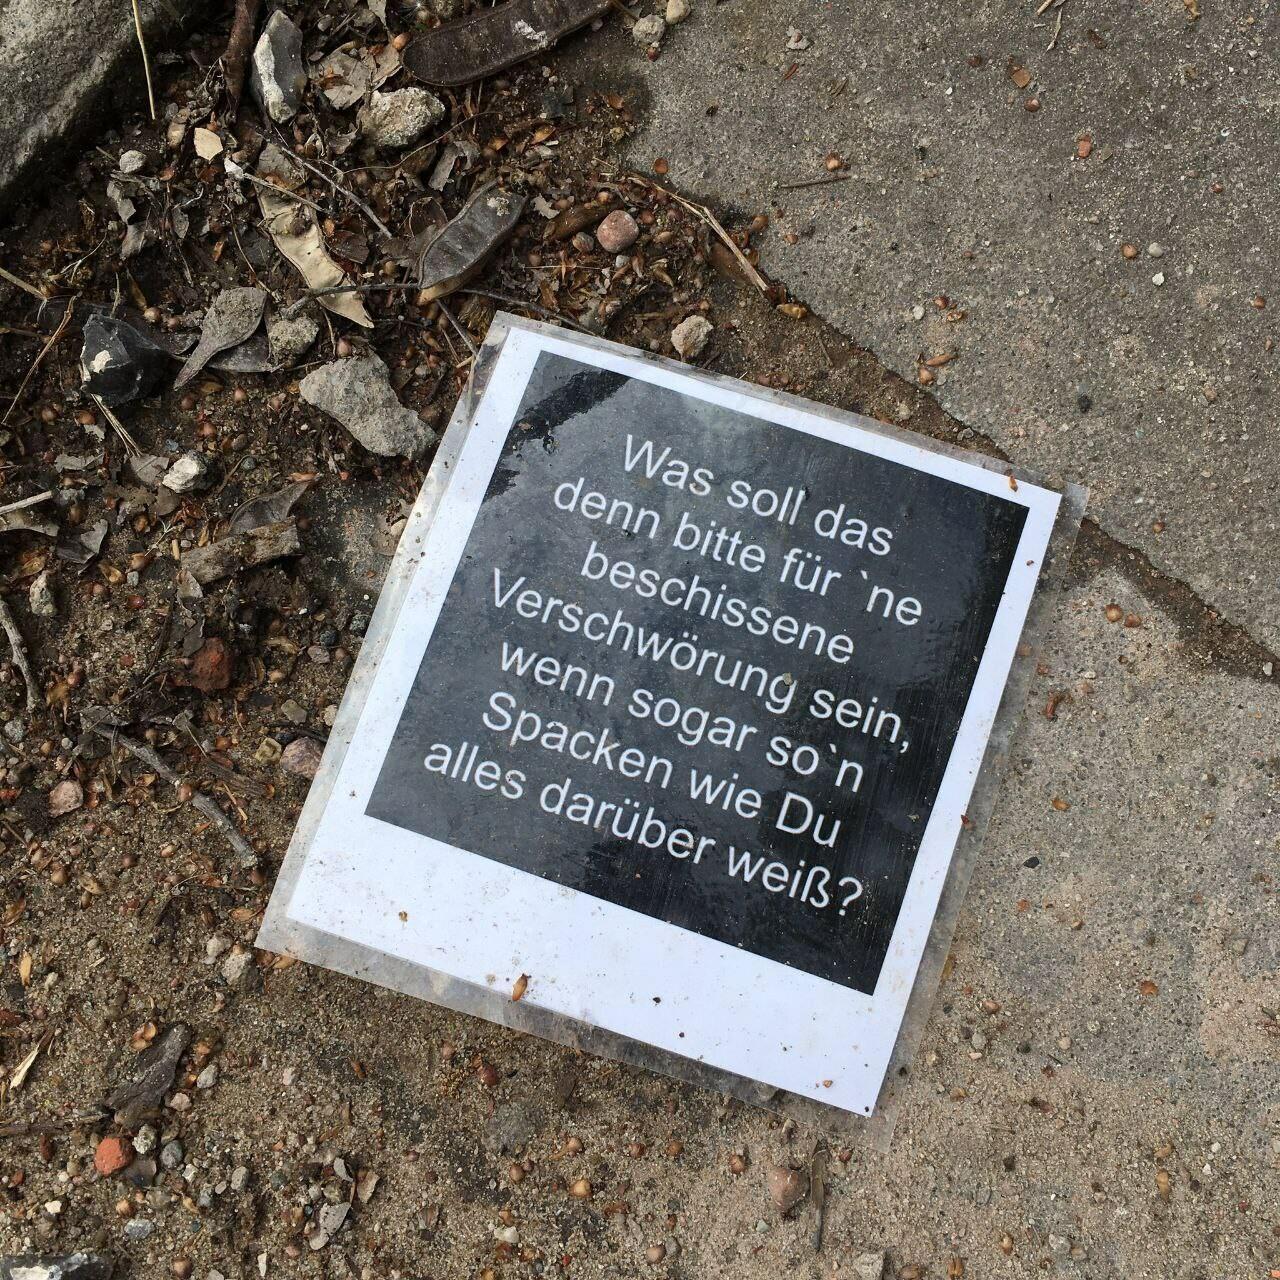 ein Plakat mit der Aufschrift: was soll das bitte für eine Verschwörung sein, wenn so ein Spacken wie du alles darüber weiß?